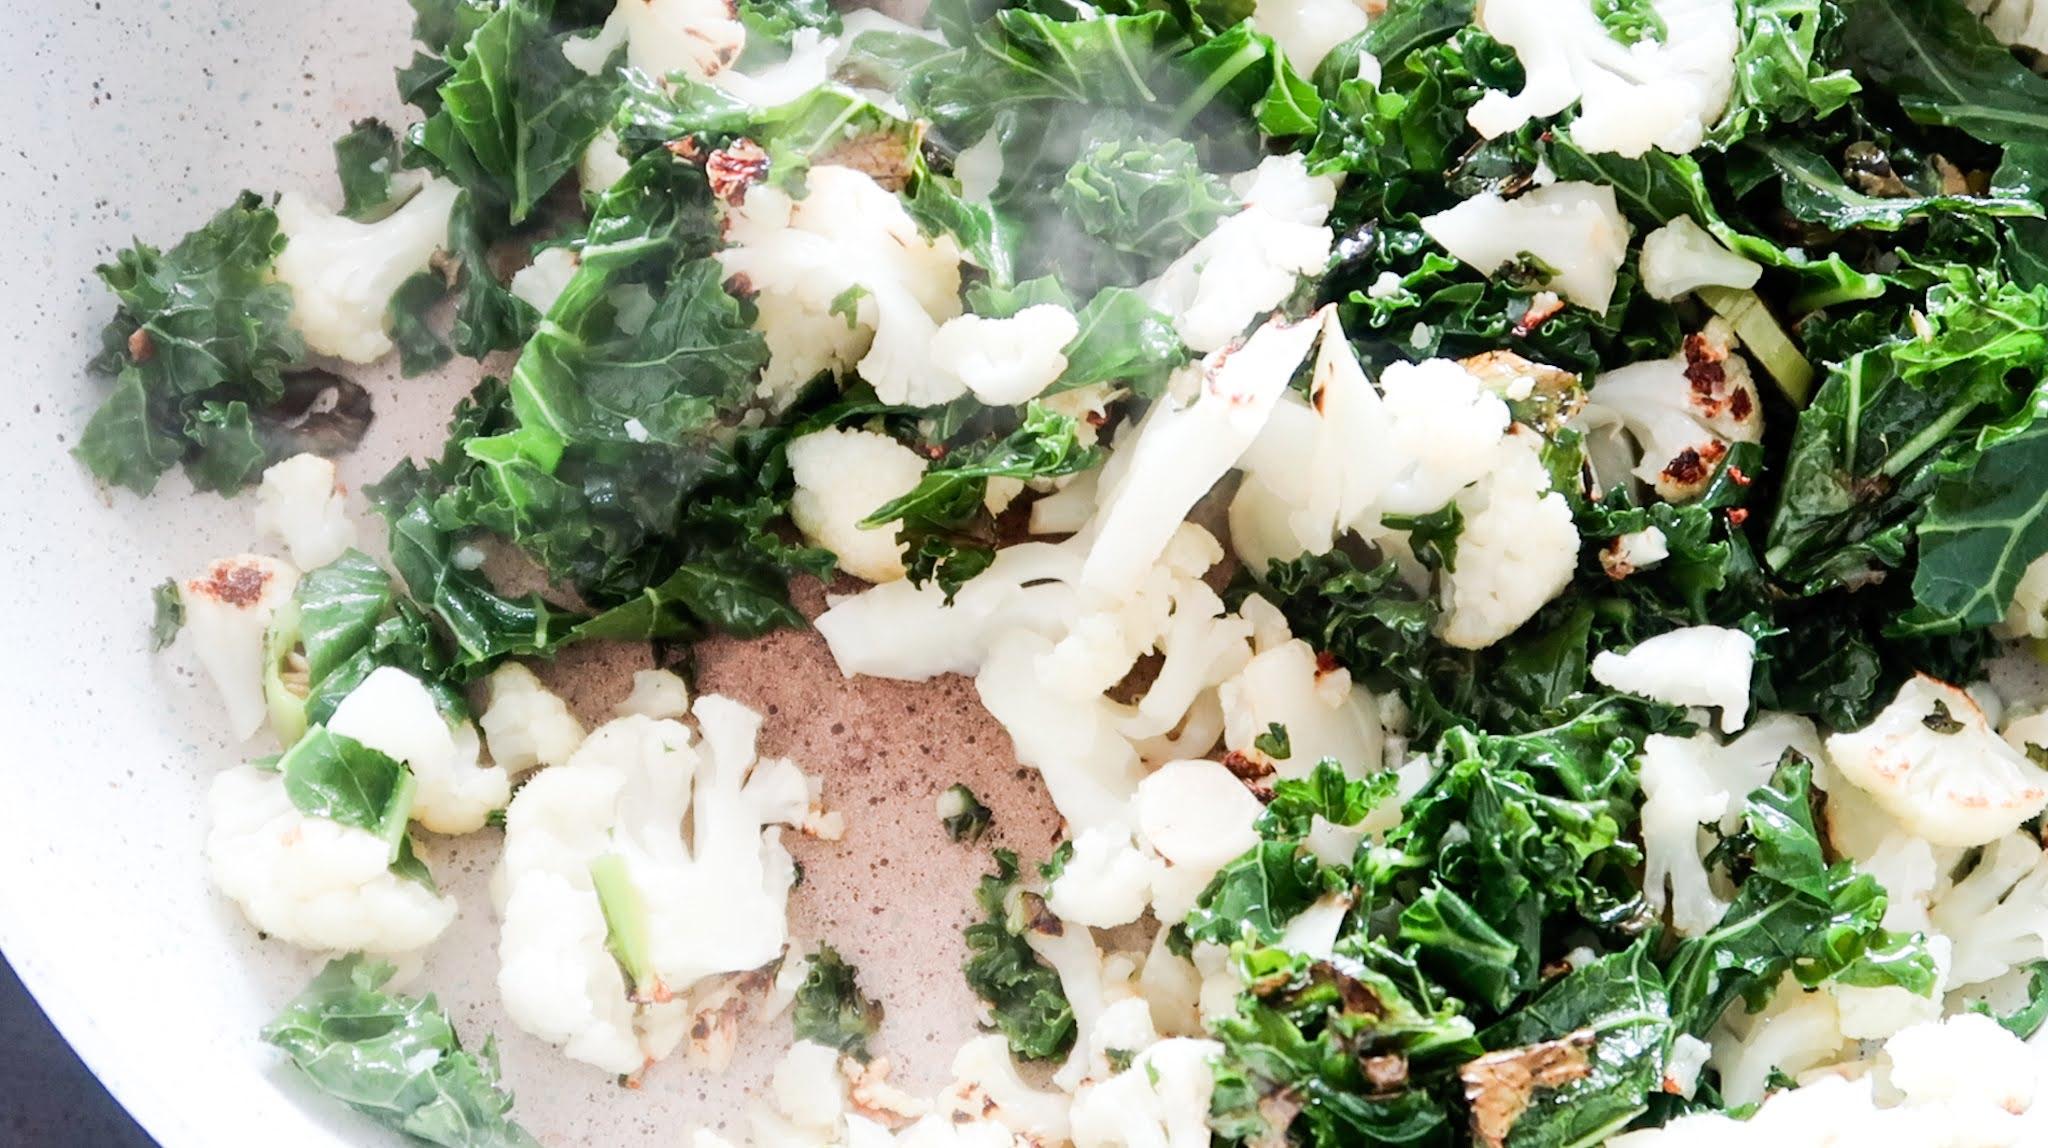 creamy tuna pasta recipe - learn how to make tuna pasta - cheap and easy dinner idea!